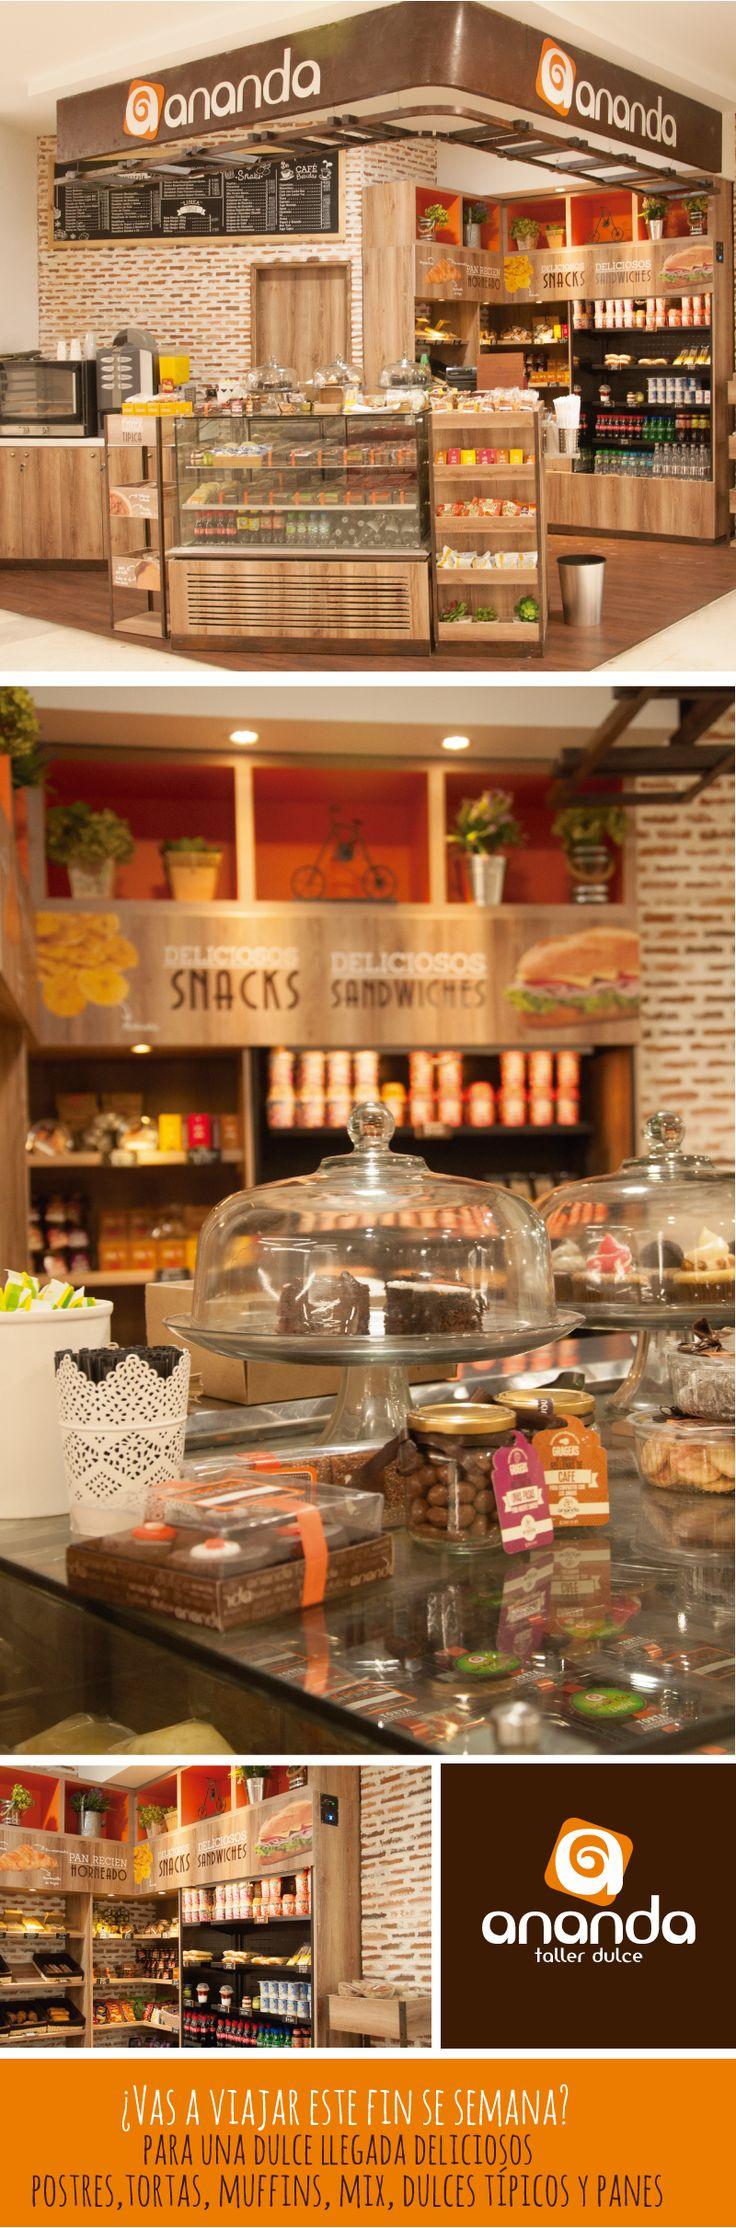 En este largo fin de semana disfruta al máximo un dulce descanso. Visita nuestro Renovado punto de venta en el Aeropuerto Alfonso Bonilla Aragón, grab and go con toda nuestra linea tradicional y mucho más.  #tortas #croissant #postres #cupcakes #postres #cupcakes #dessert #muffins #brownies #galletas #cookies #cupcakemania #reposteria #foodlove #anandatallerdulce #cali